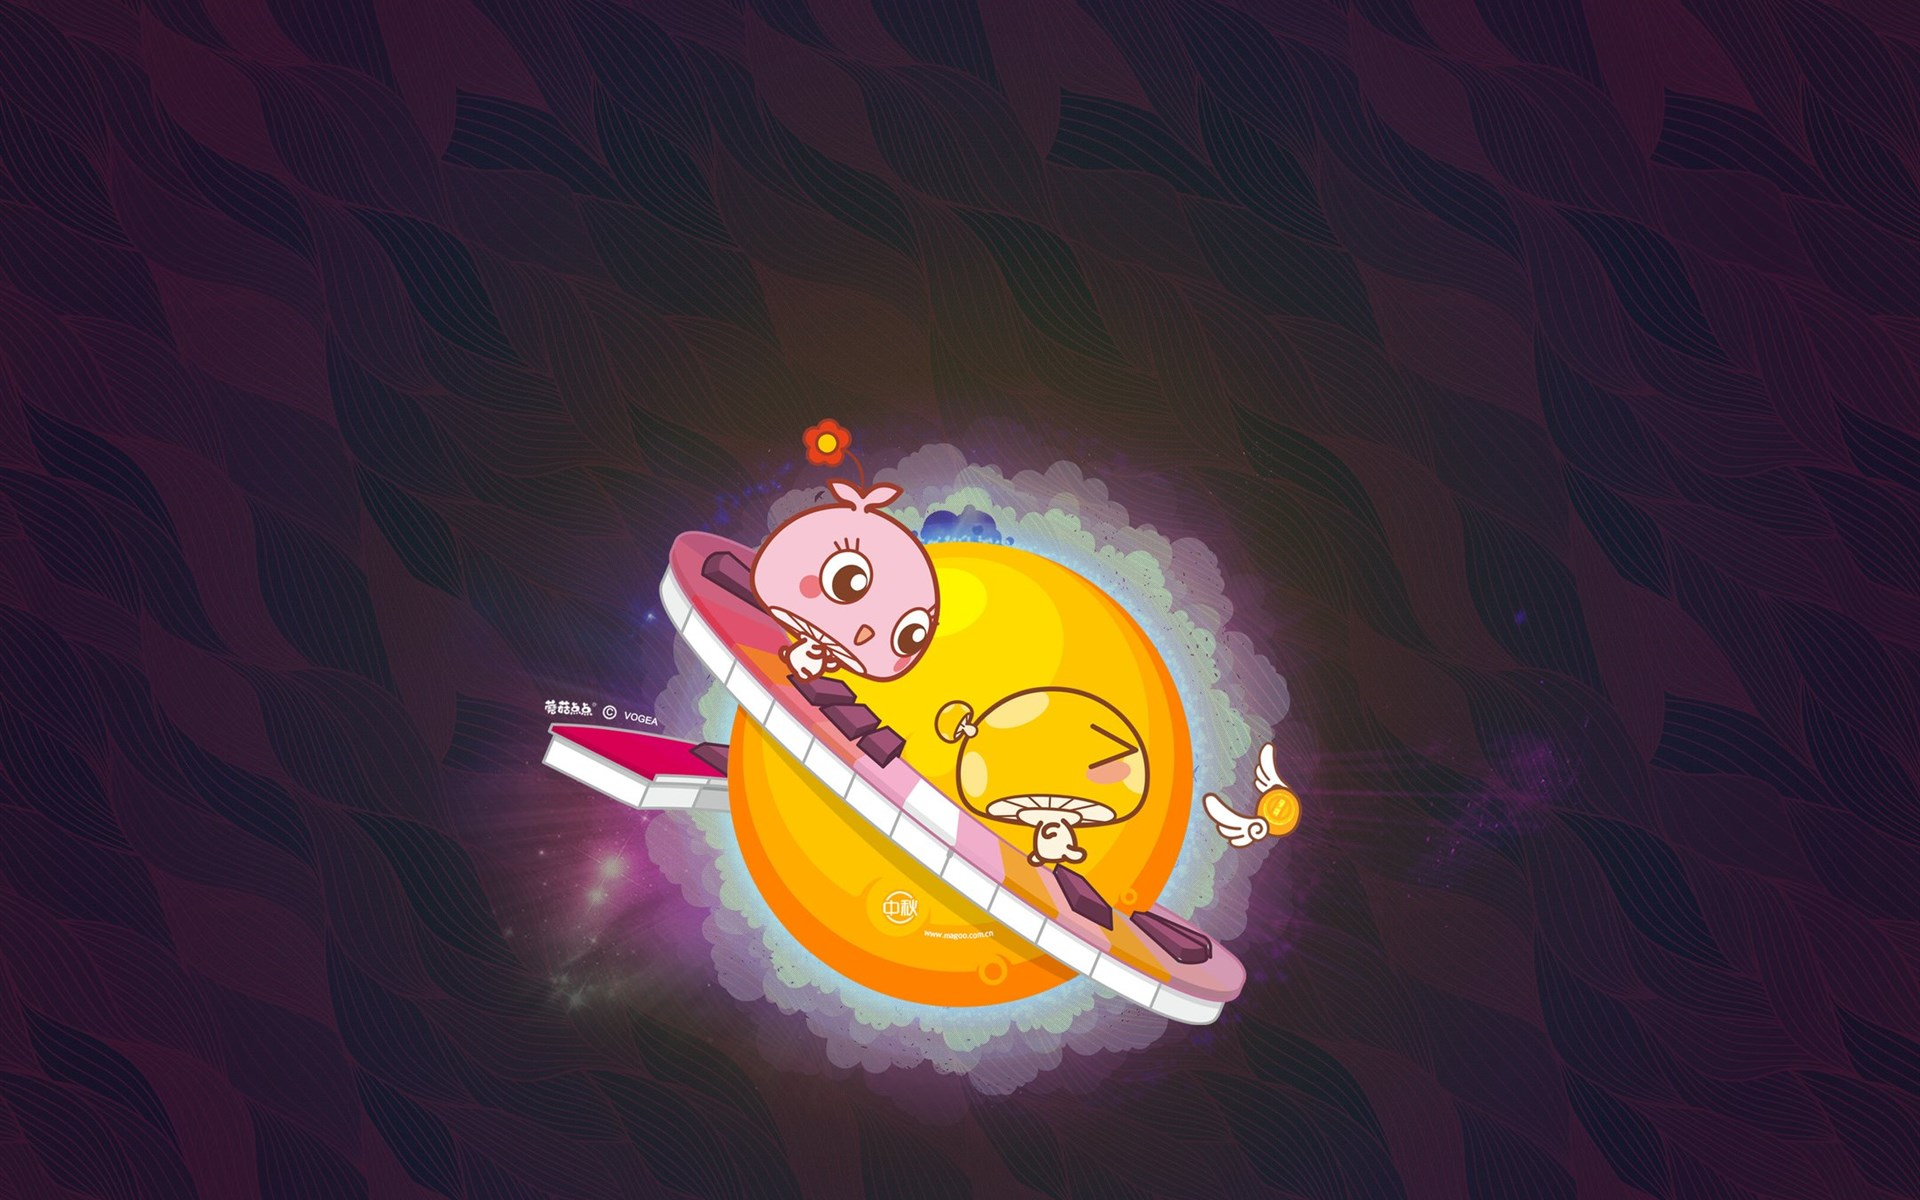 > 中秋节蘑菇点点主题卡通ppt背景图片  素材预览 中秋节蘑菇点点主